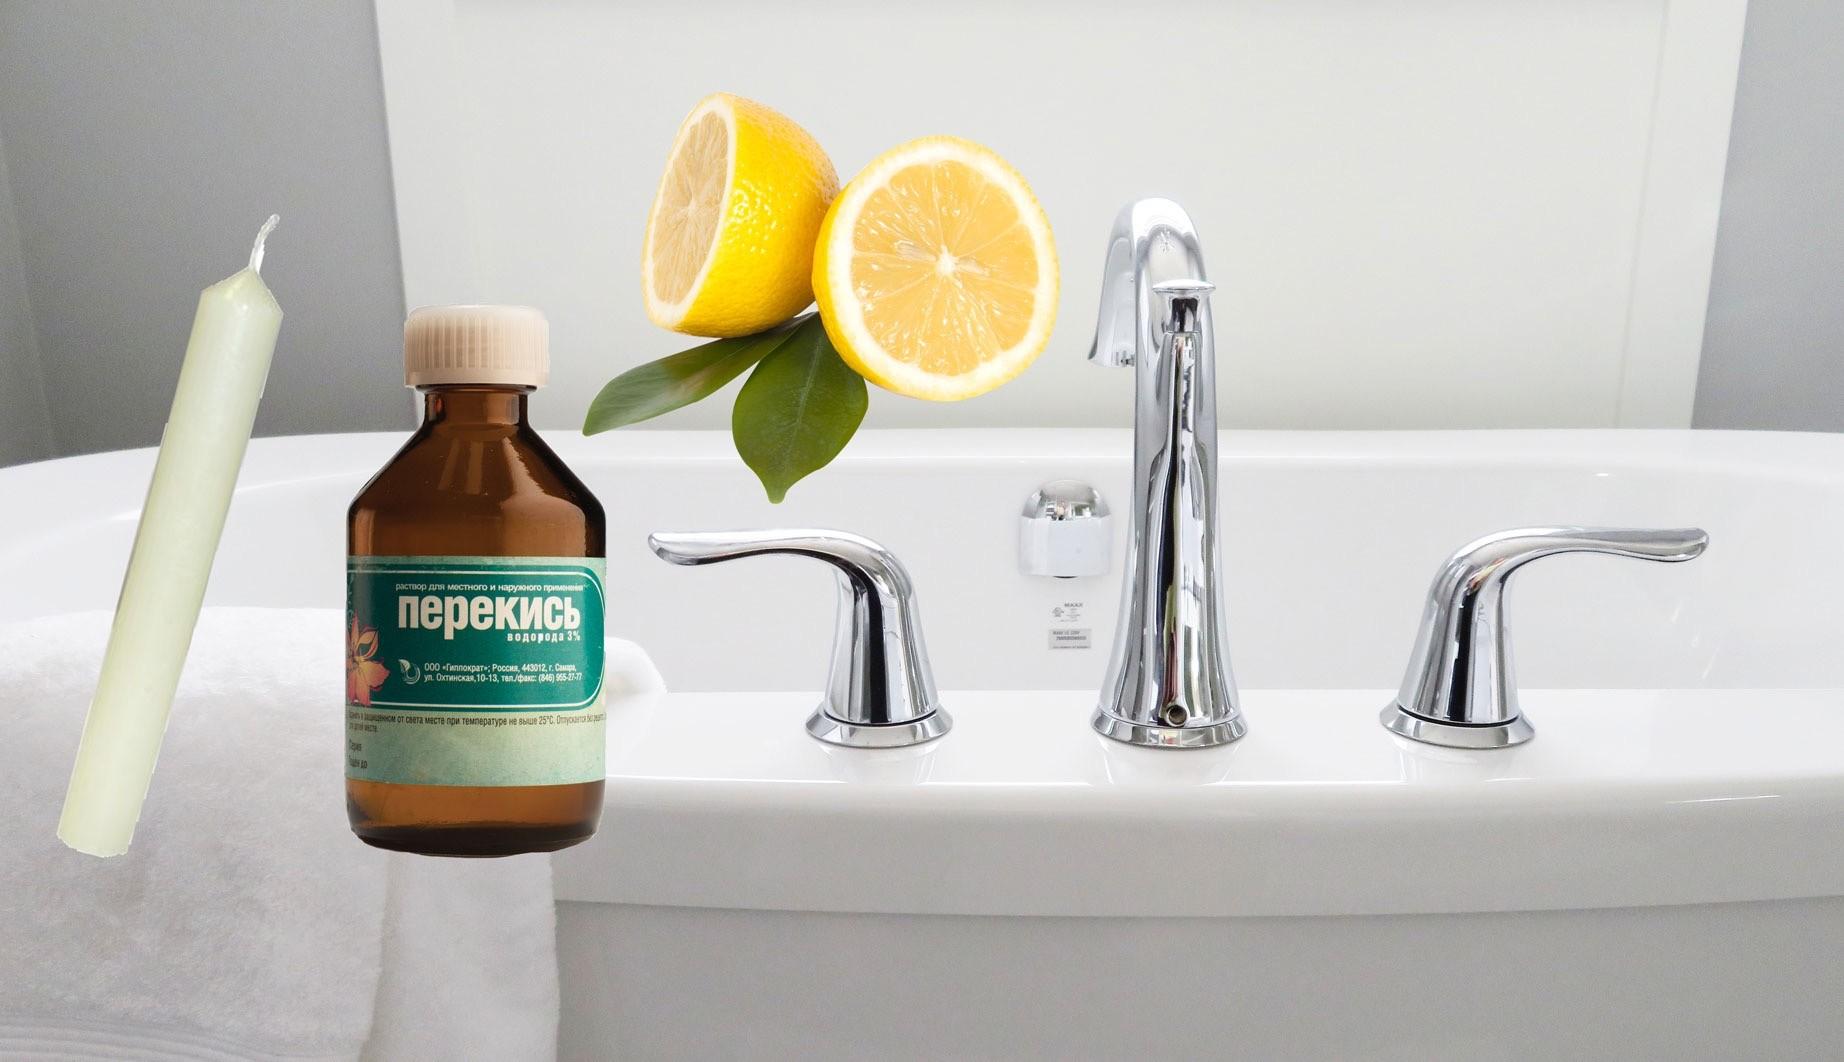 Перекись, свечка и лимон: 9 неожиданных способов генеральной уборки ванной комнаты